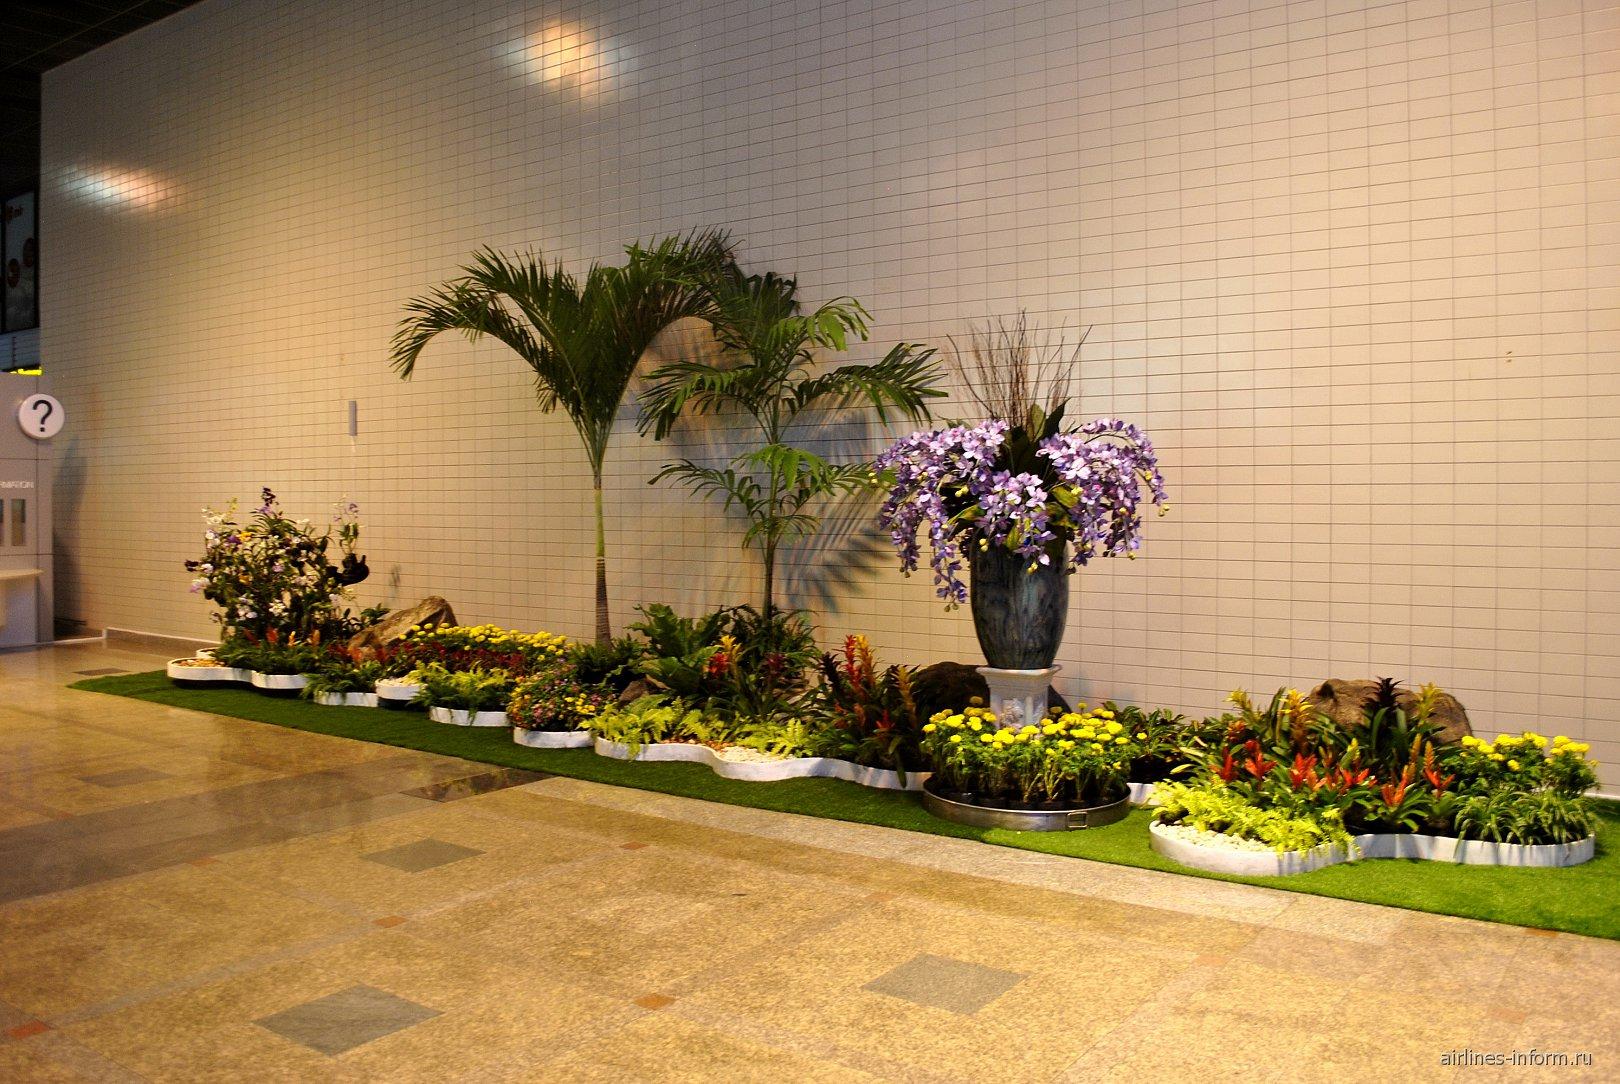 Цветочная инсталляция в аэропорту Бангкок Дон Муанг